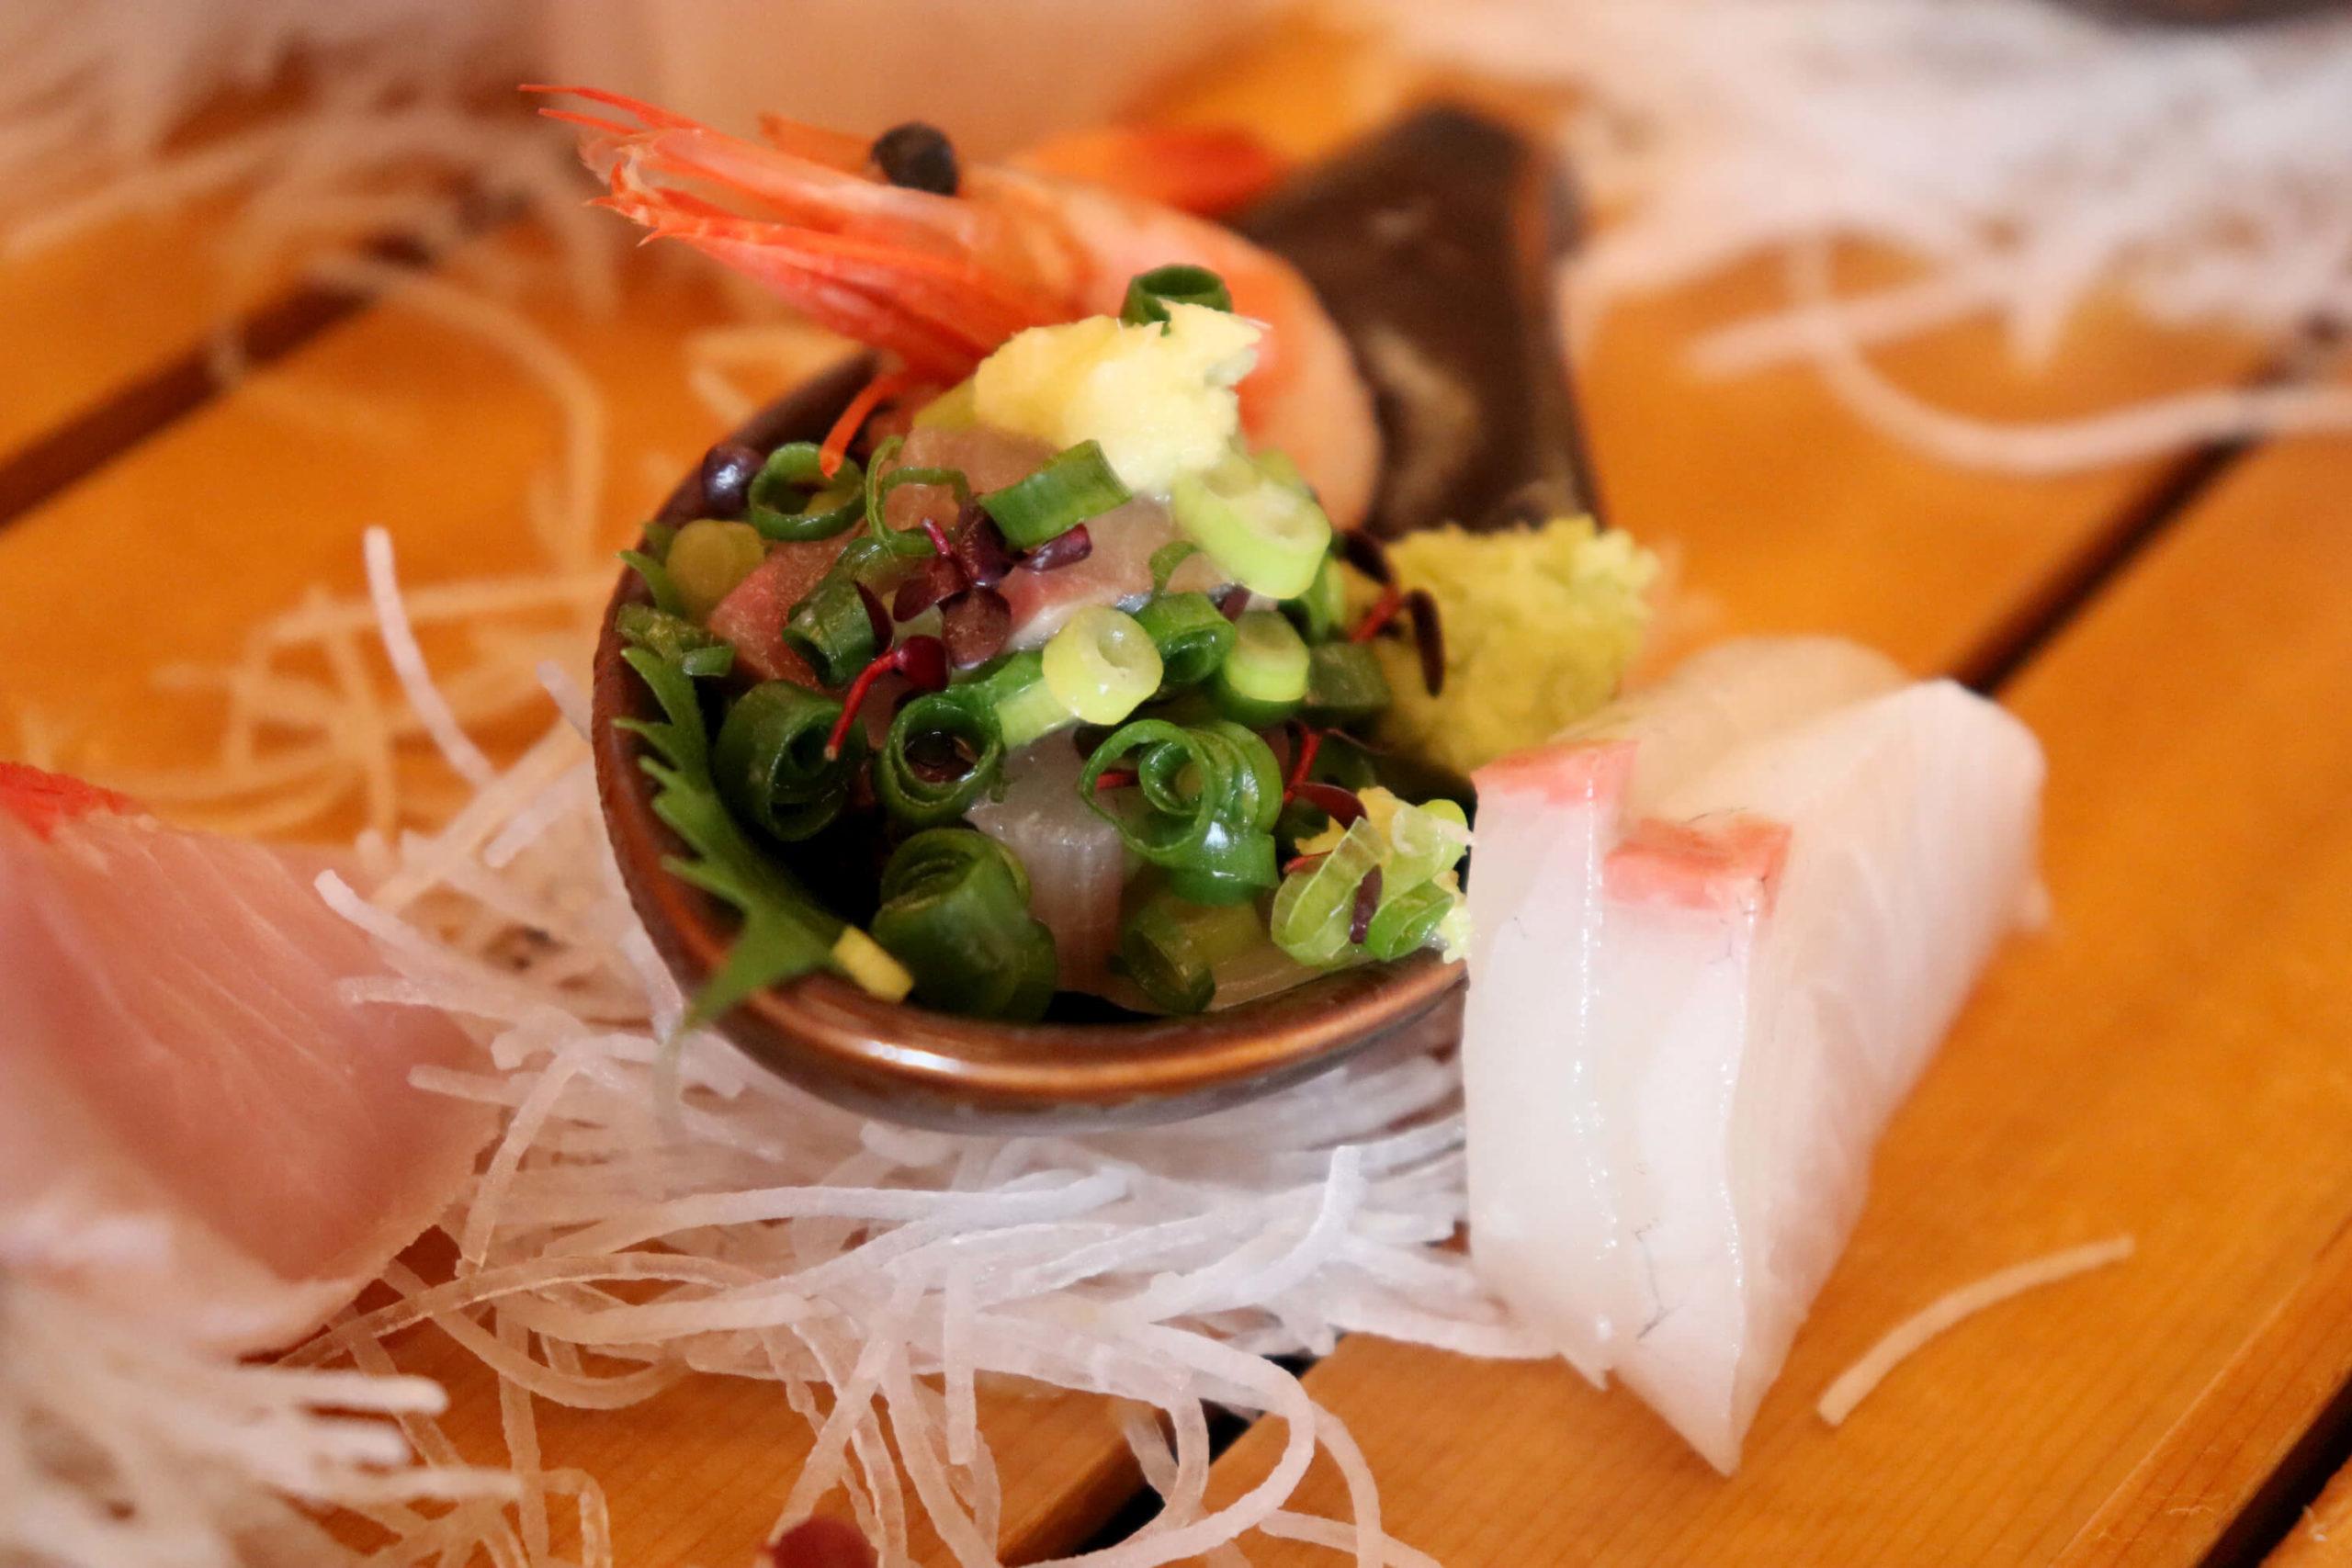 浜の湯の朝食の舟盛り:鯵のたたきとカンパチ、甘エビの刺身